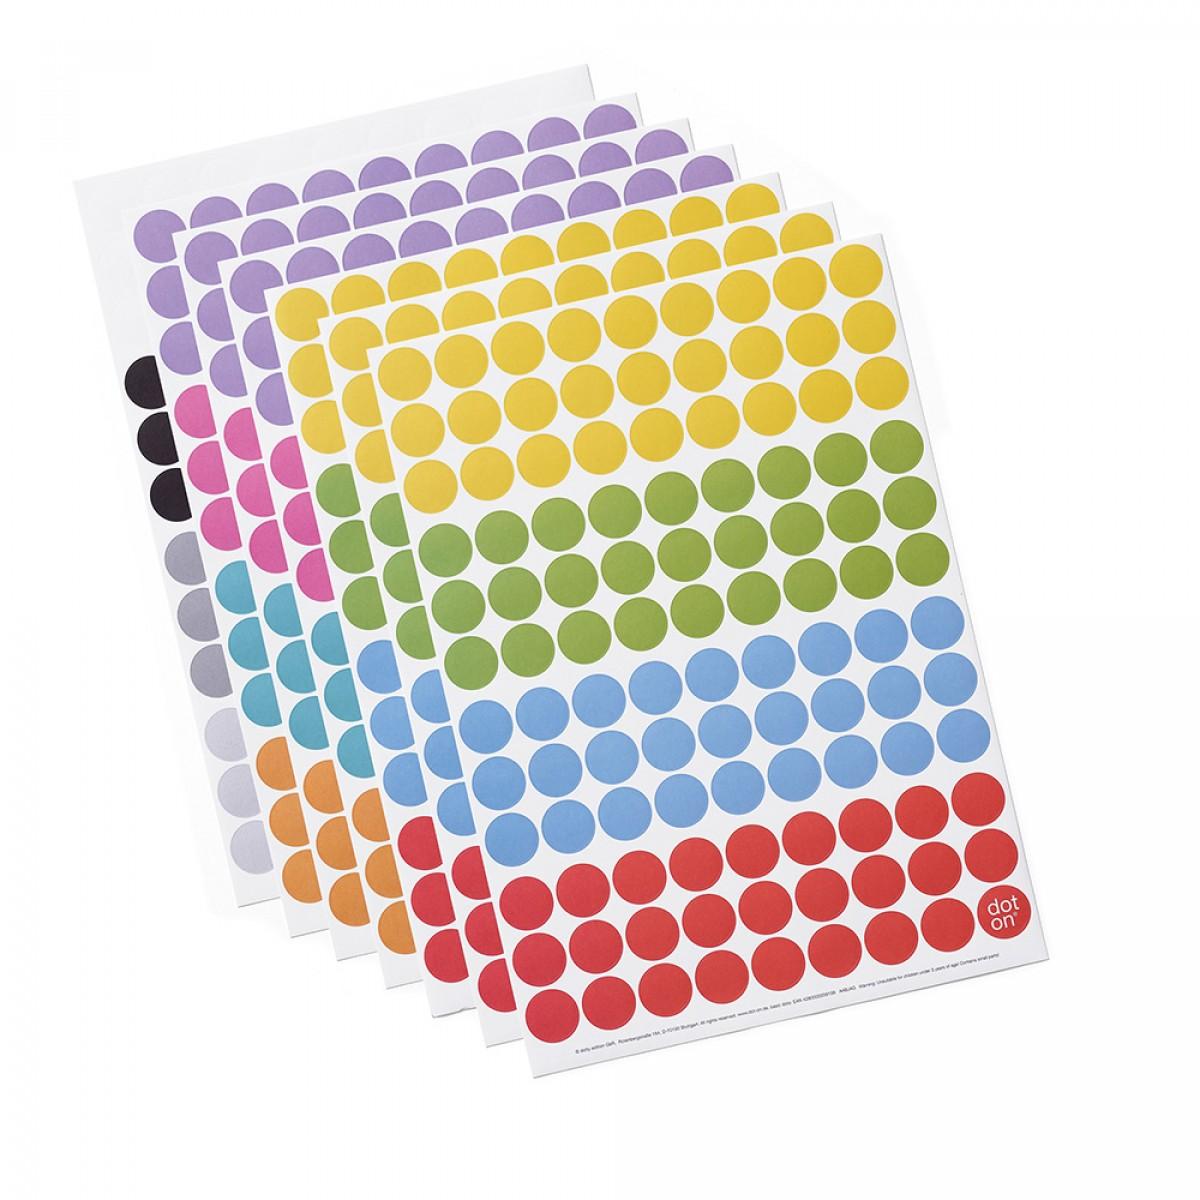 dot on classic / Jahresplaner 2019 – mit über 700 Klebepunkten in 12 Farben